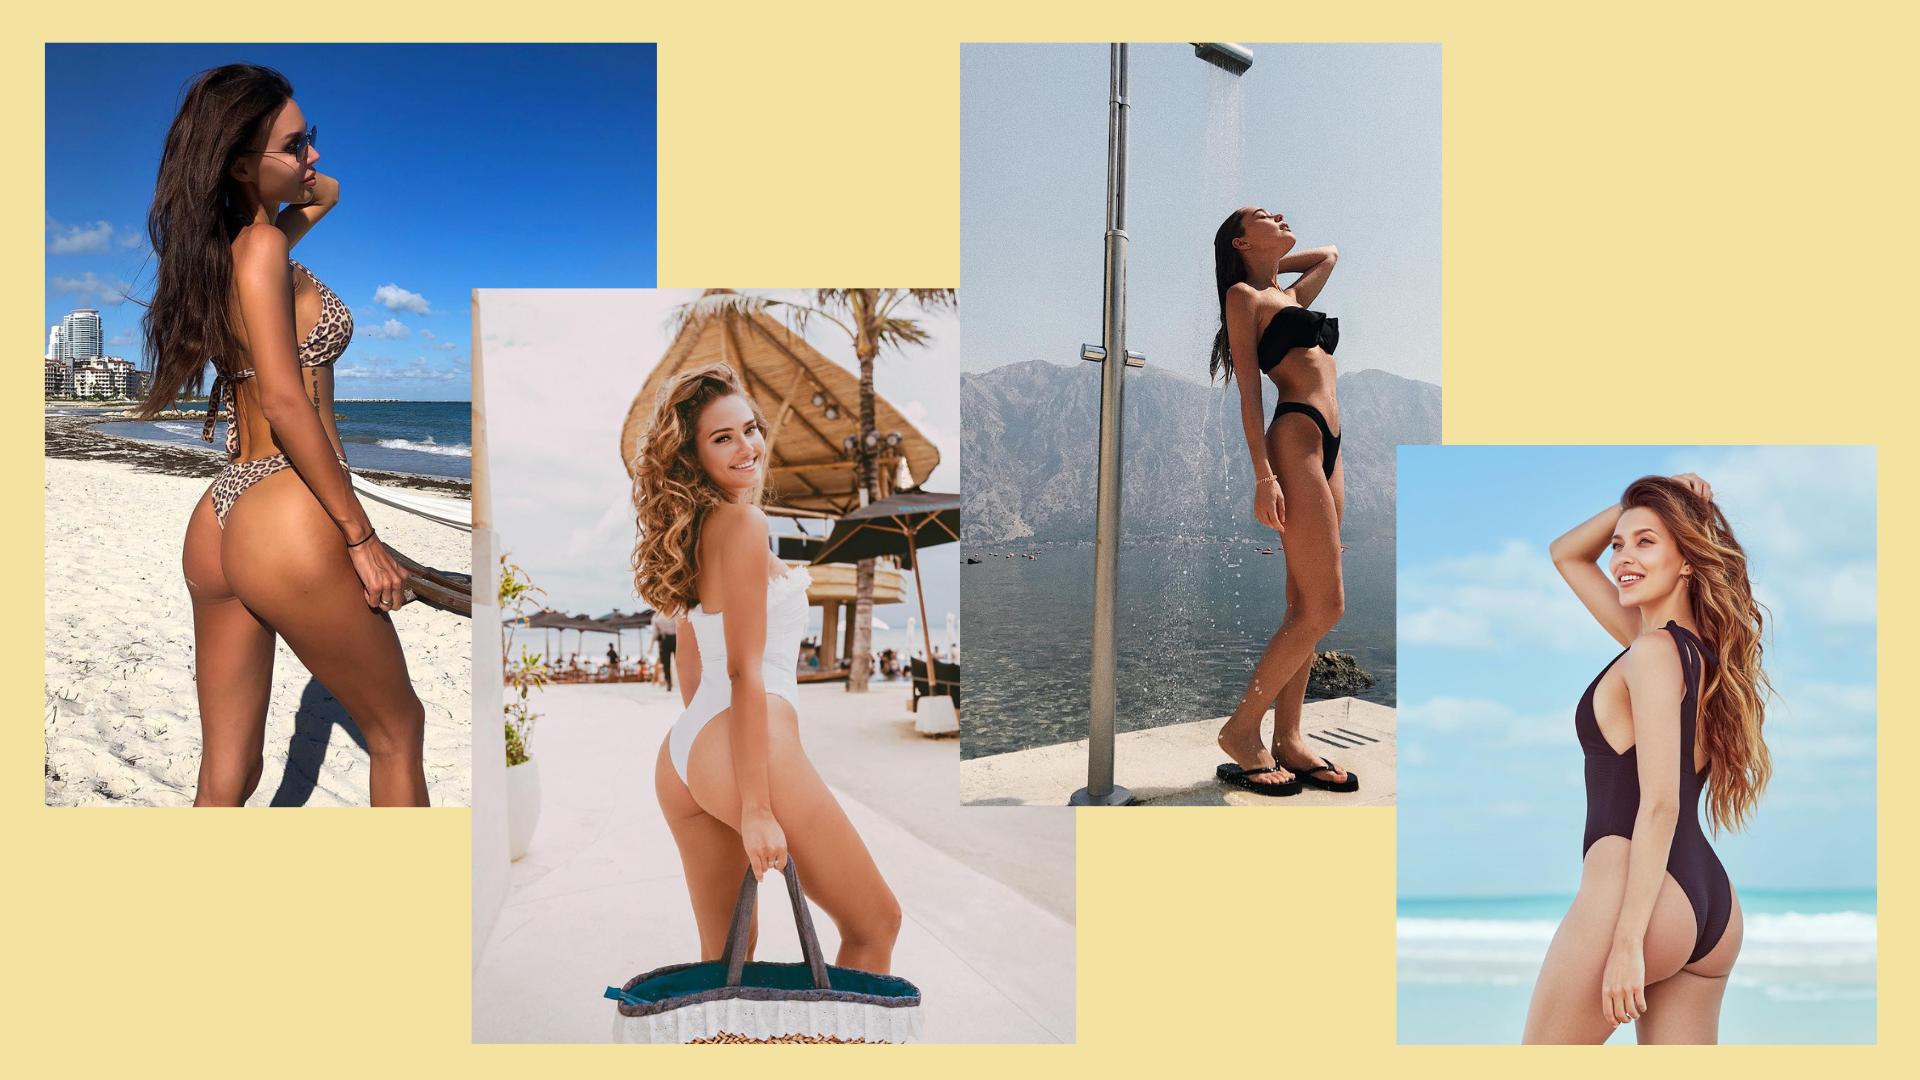 Встань на мысочки, грудь вперед: как звезды позируют на фотографиях